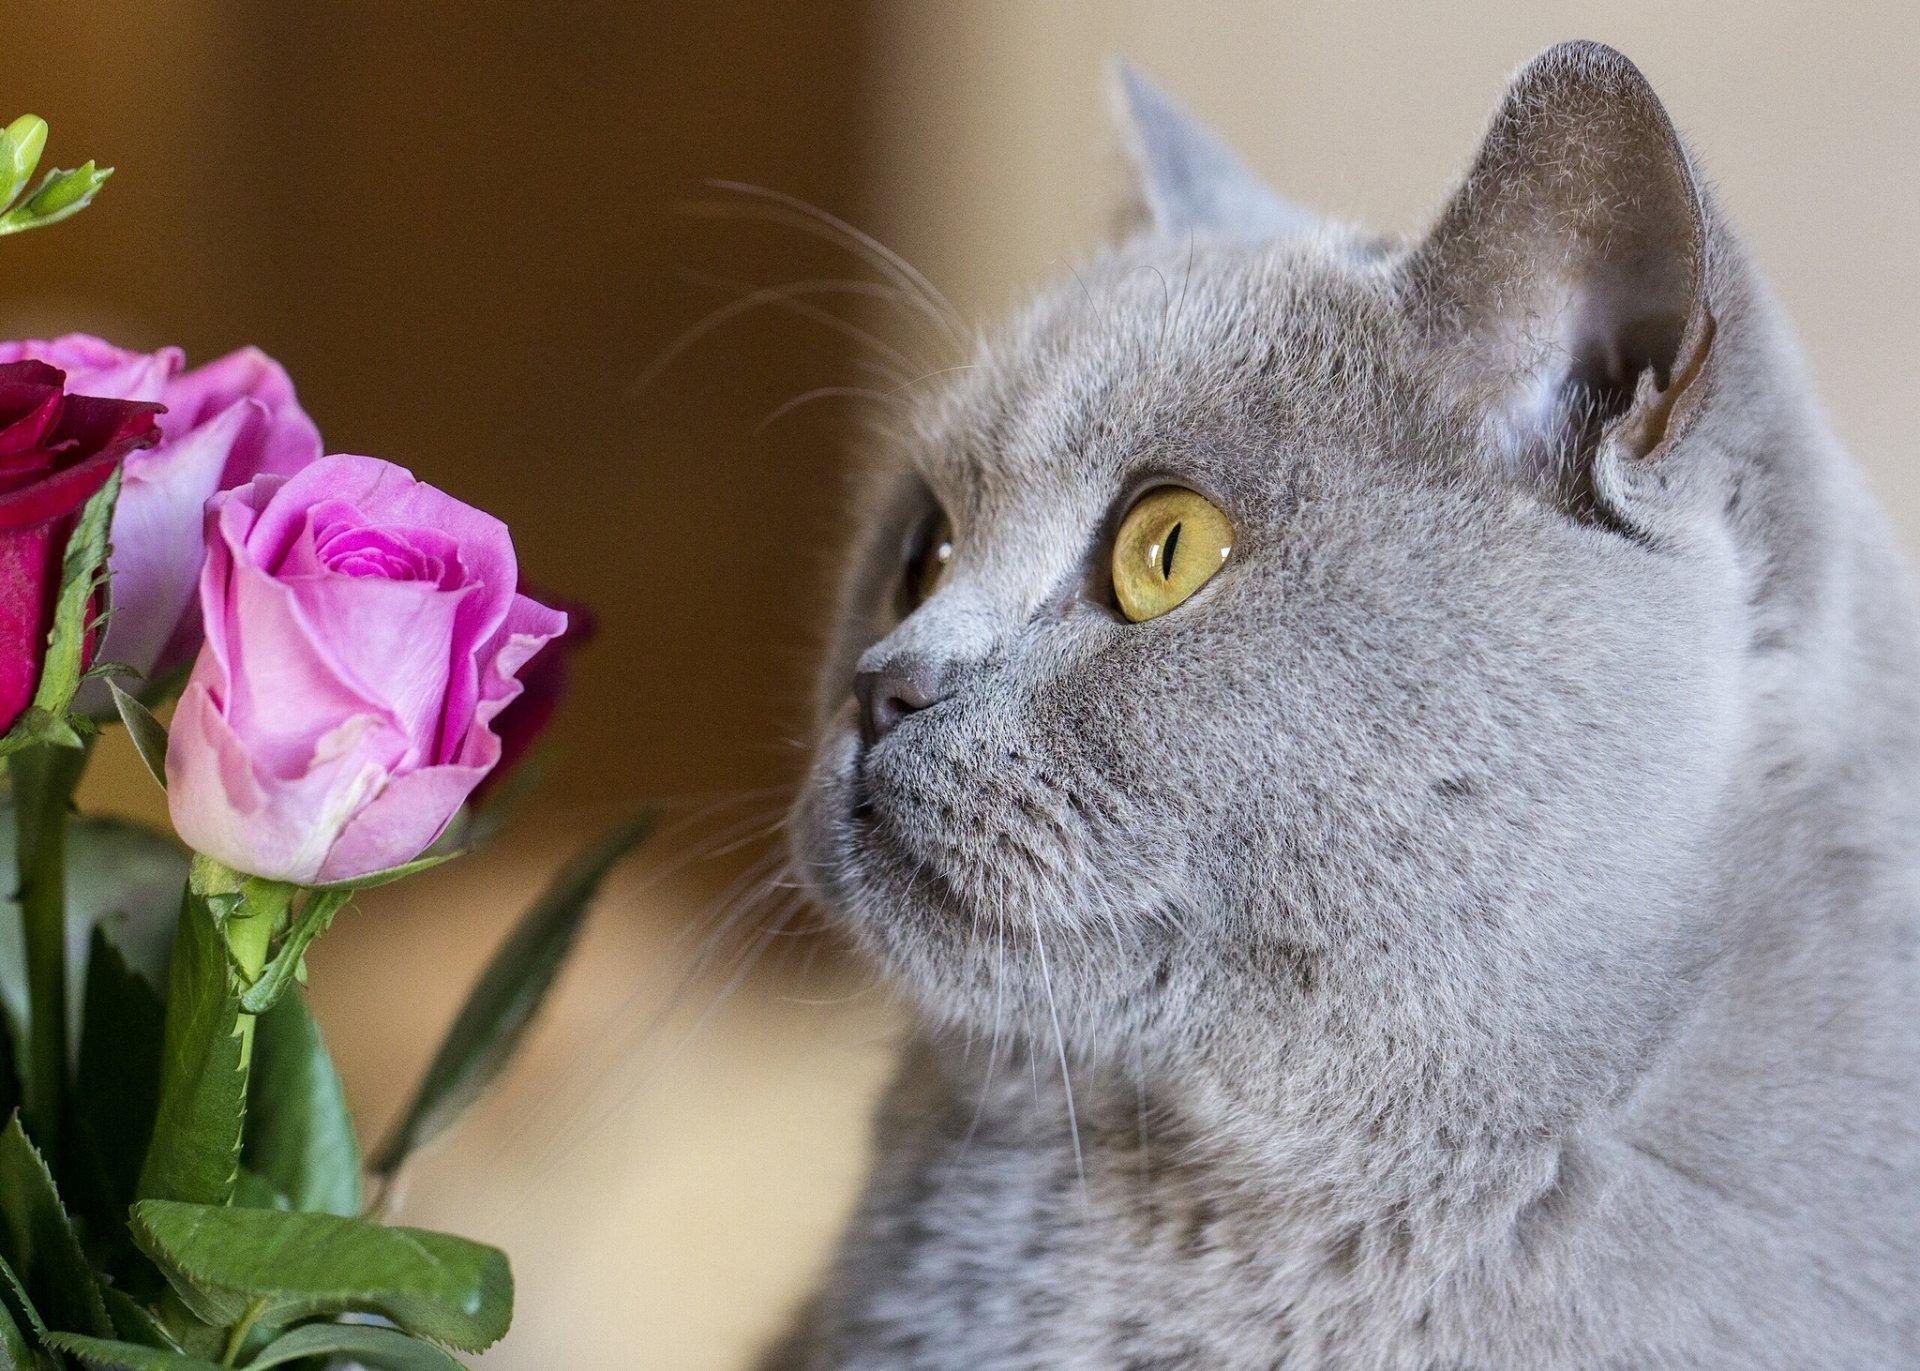 где кошка с цветами поздравления фото общем случае чем